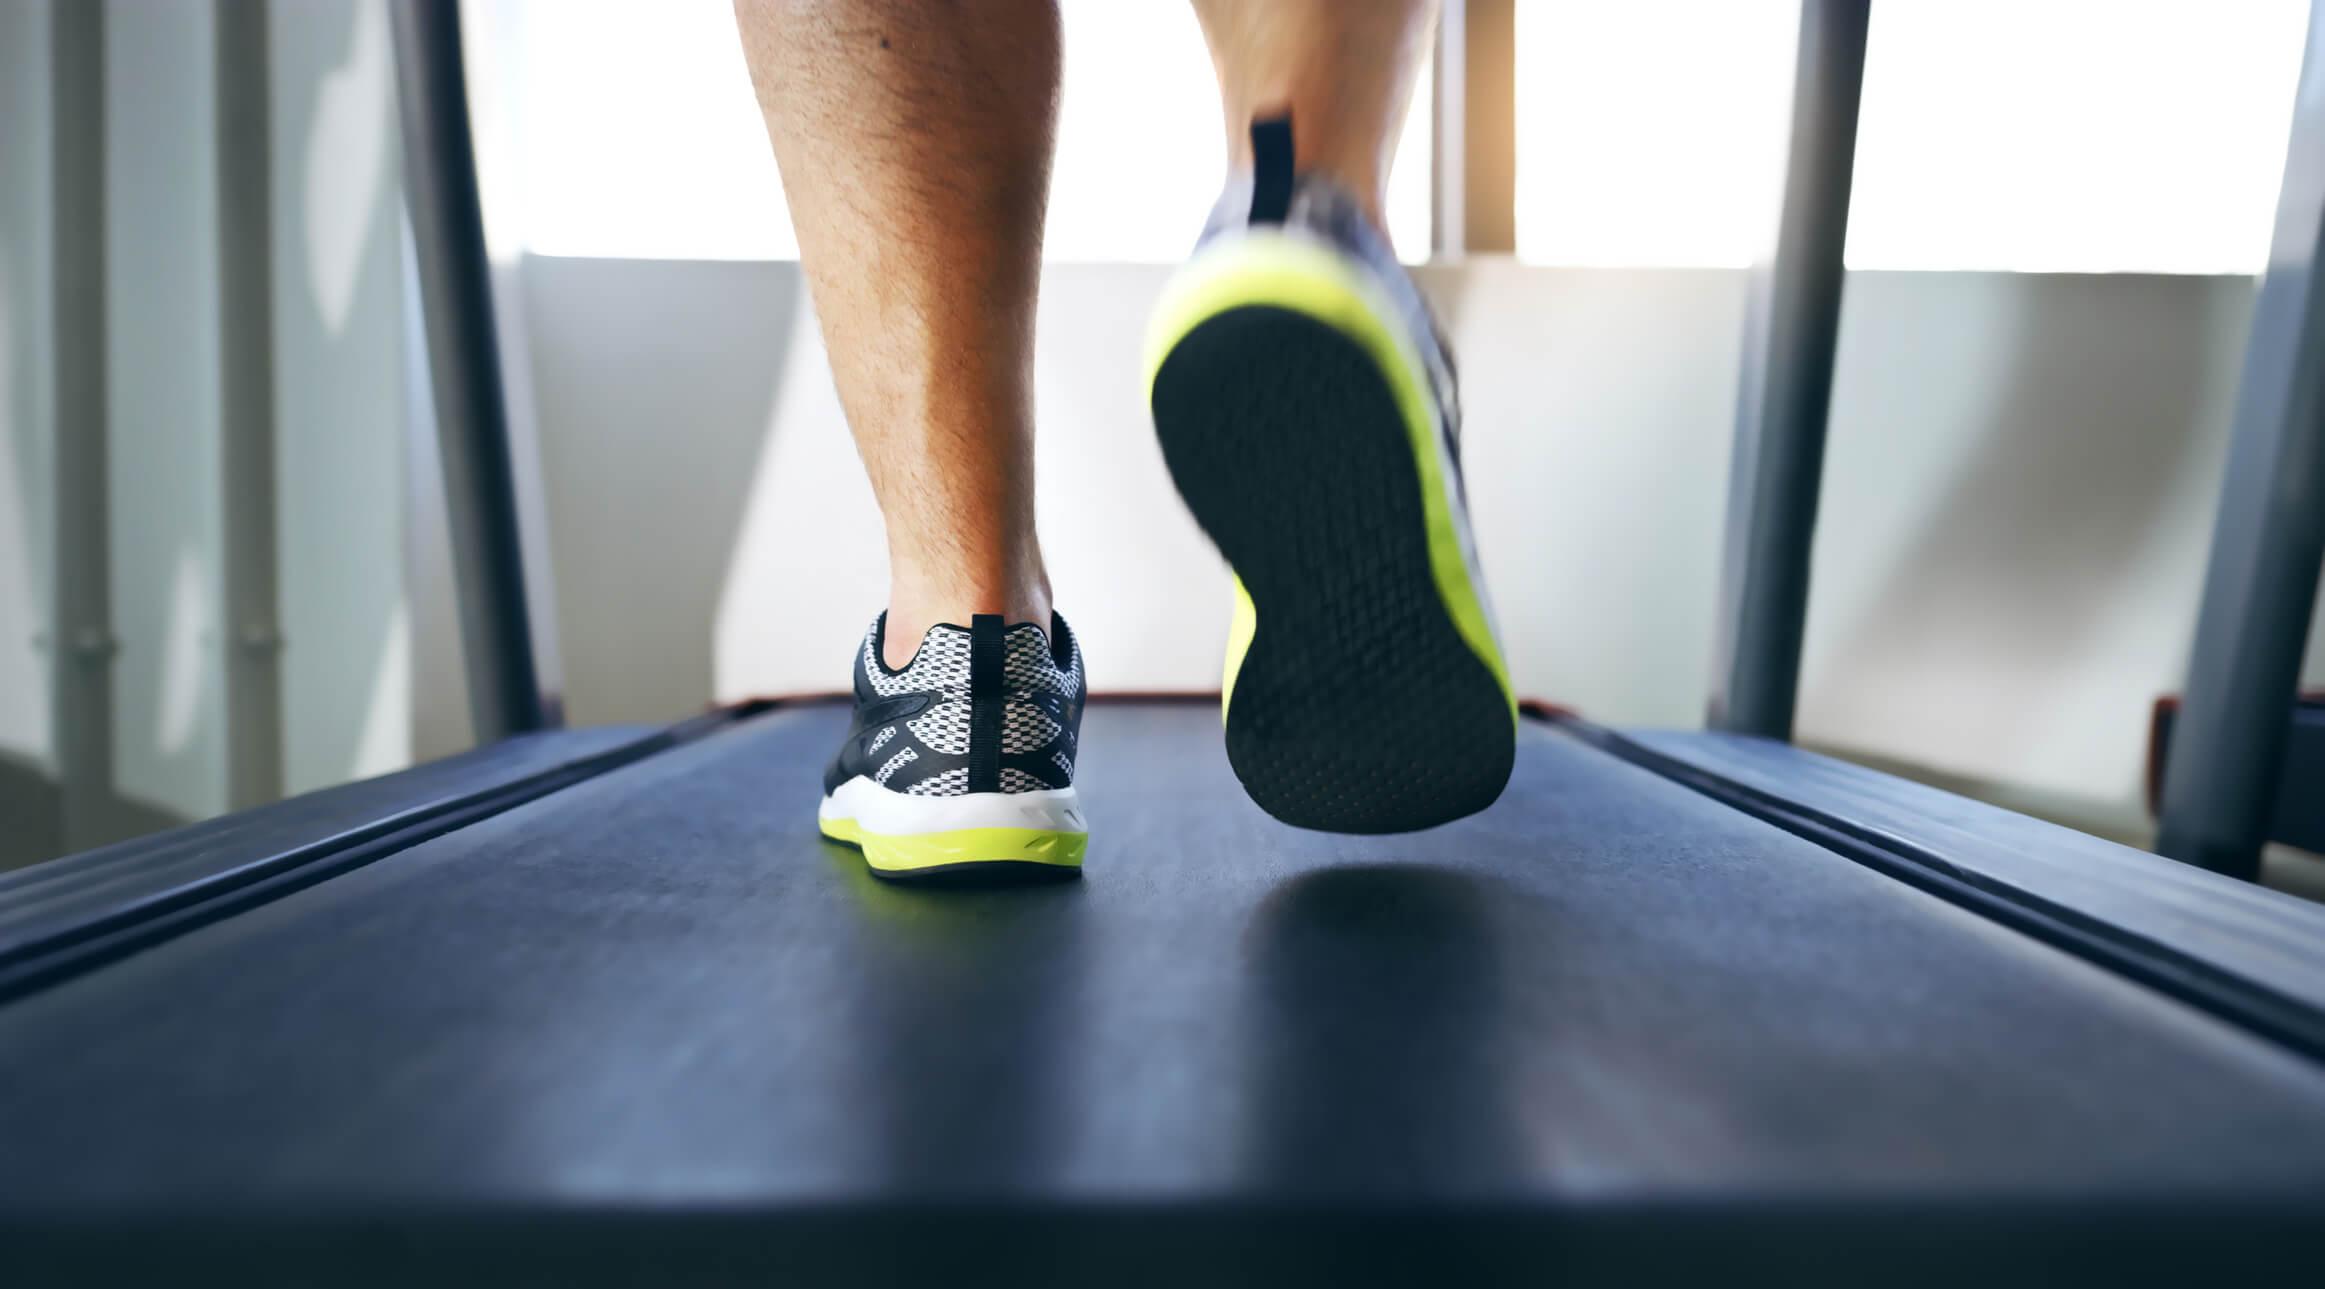 Aparelhos para fisioterapia: conheça as principais tecnologias